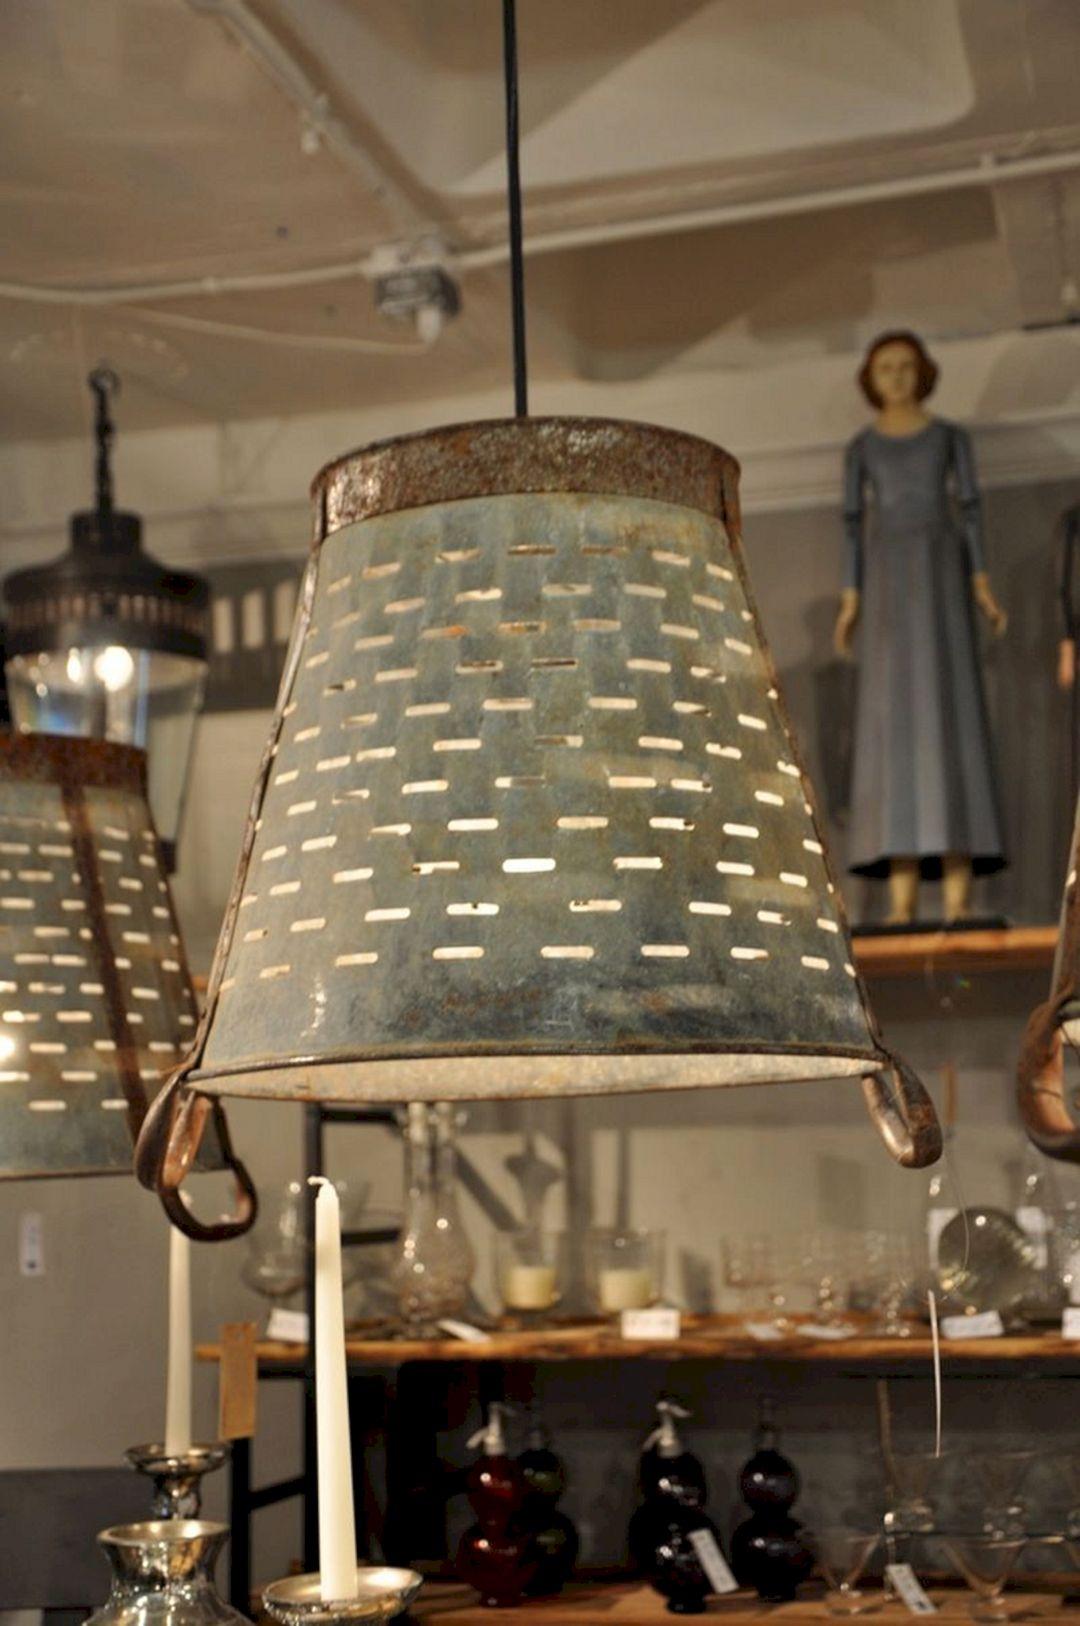 Wire Egg Basket Light Wire Egg Basket Light design ideas